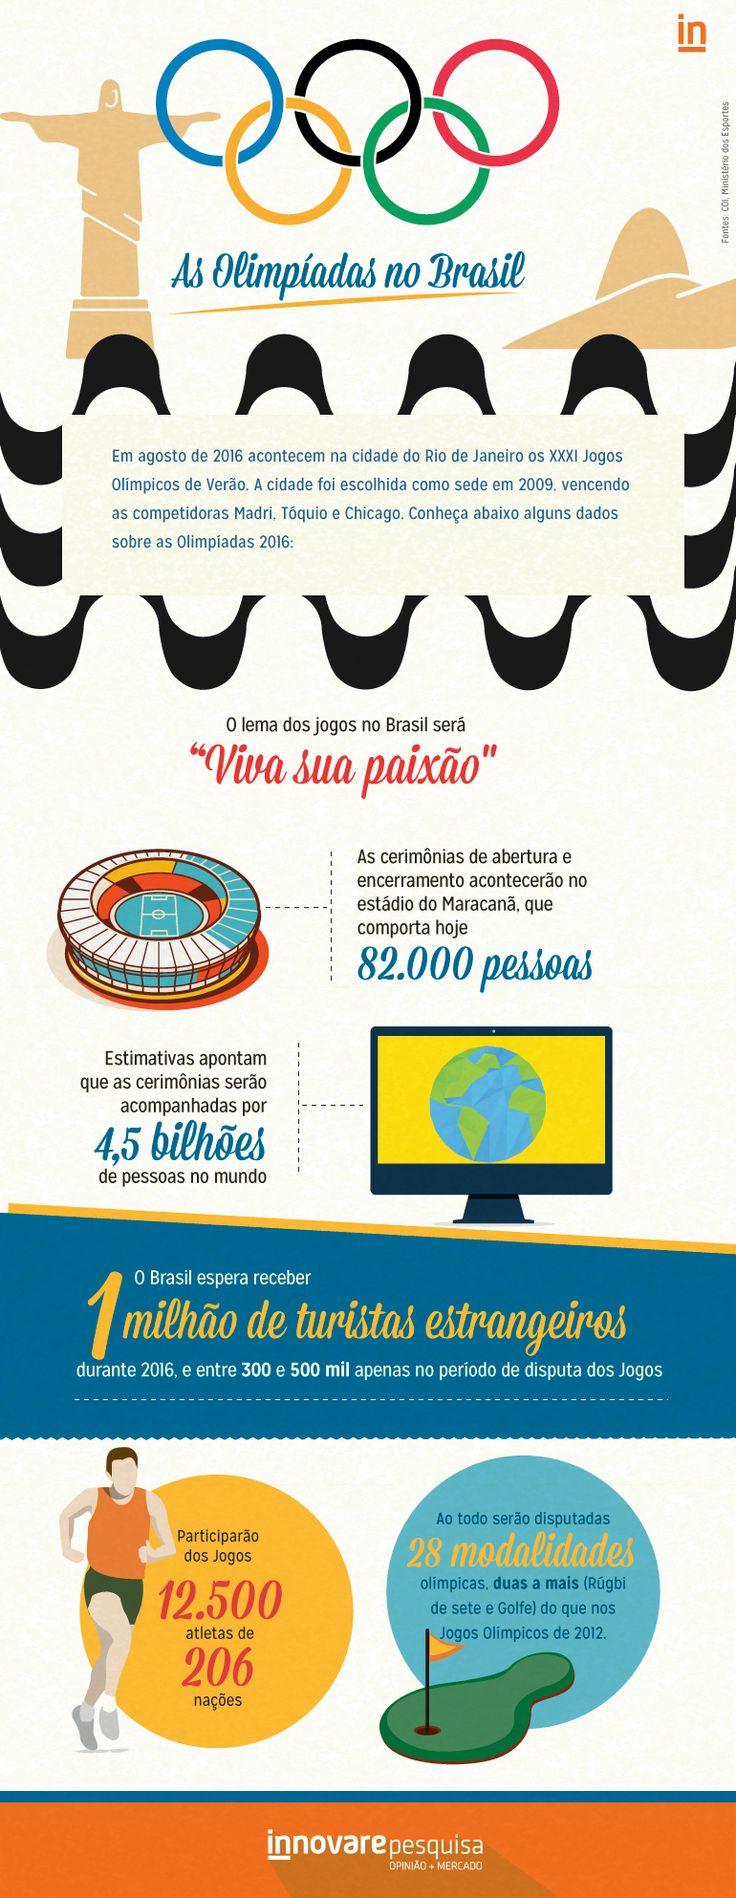 #olimpiadas #olympics #brasil #2016 #dados #pesquisa #turismo #brazil #dados #pesquisa #innovare #innovarepesquisa